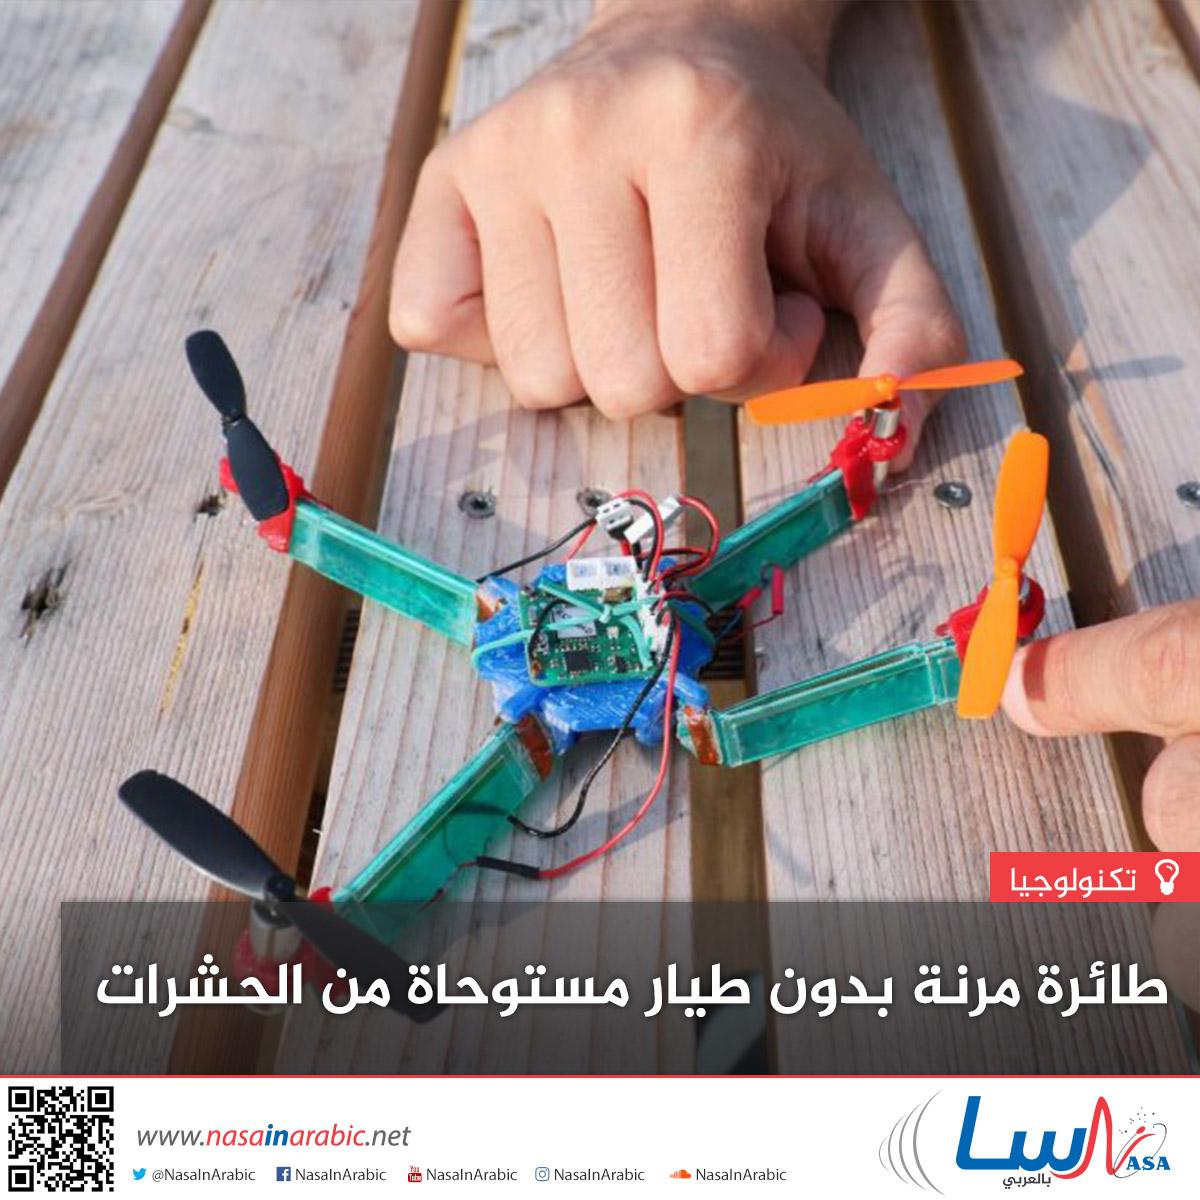 طائرة مرنة بدون طيار مستوحاة من الحشرات